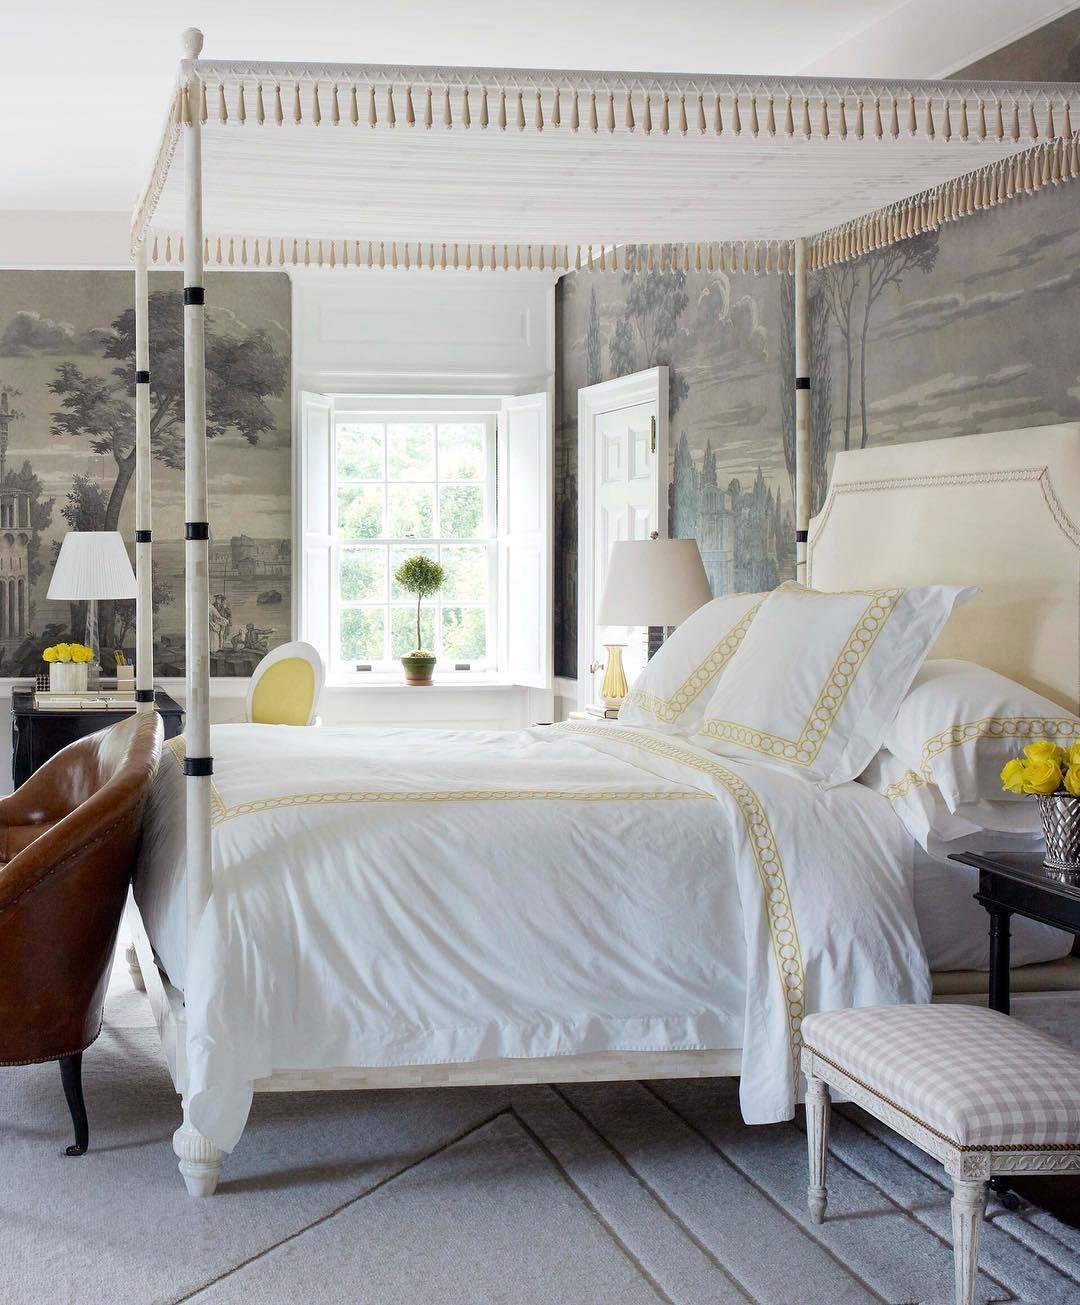 3 Kind Of Elegant Bedroom Design Ideas Includes A: @onekingslane The Kind Of Bedroom We Could Definitely Get